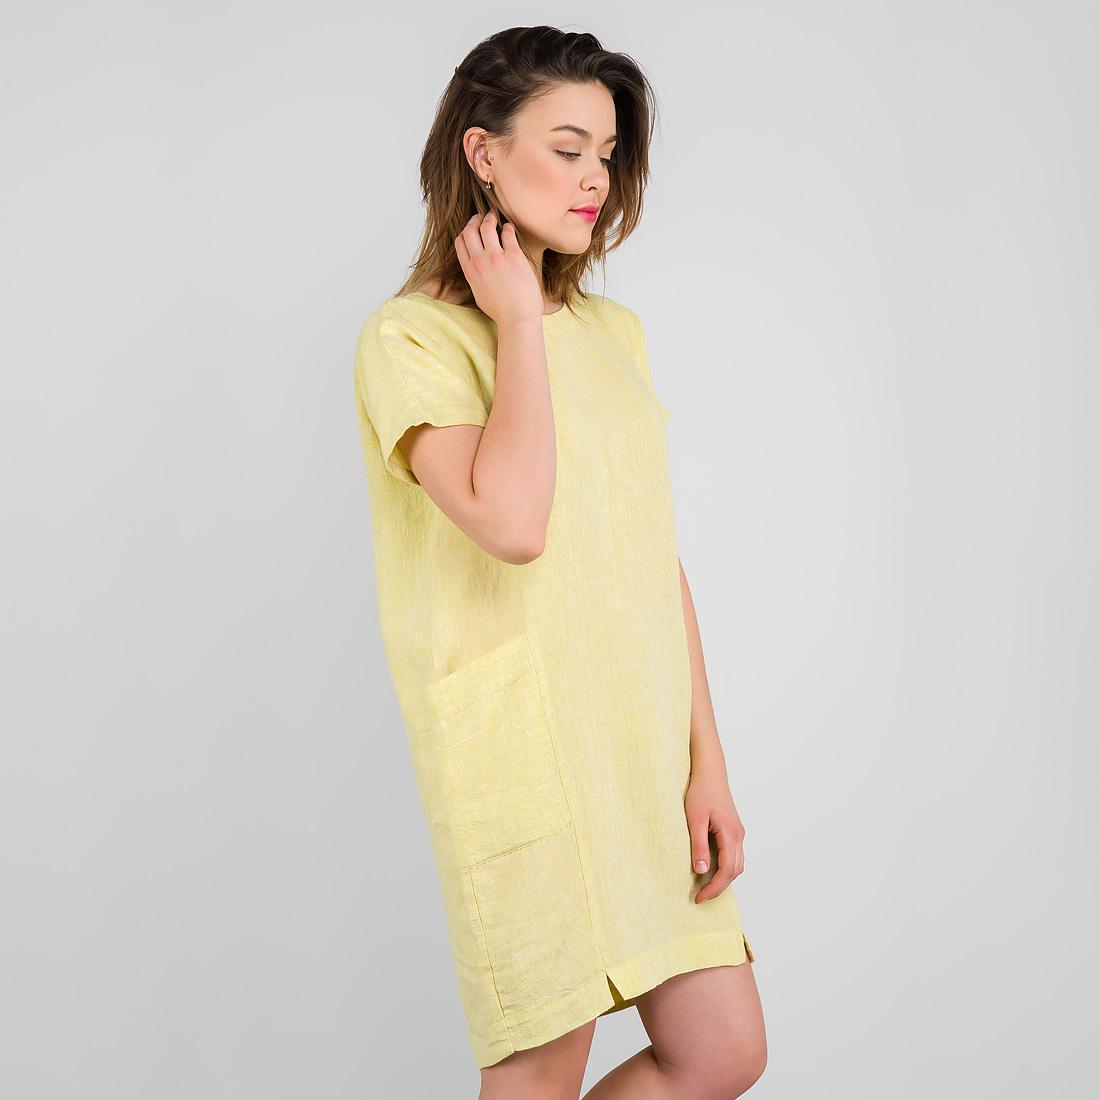 Lininė suknėlė geltonos spalvos, trumpa. Gamintojas - AB